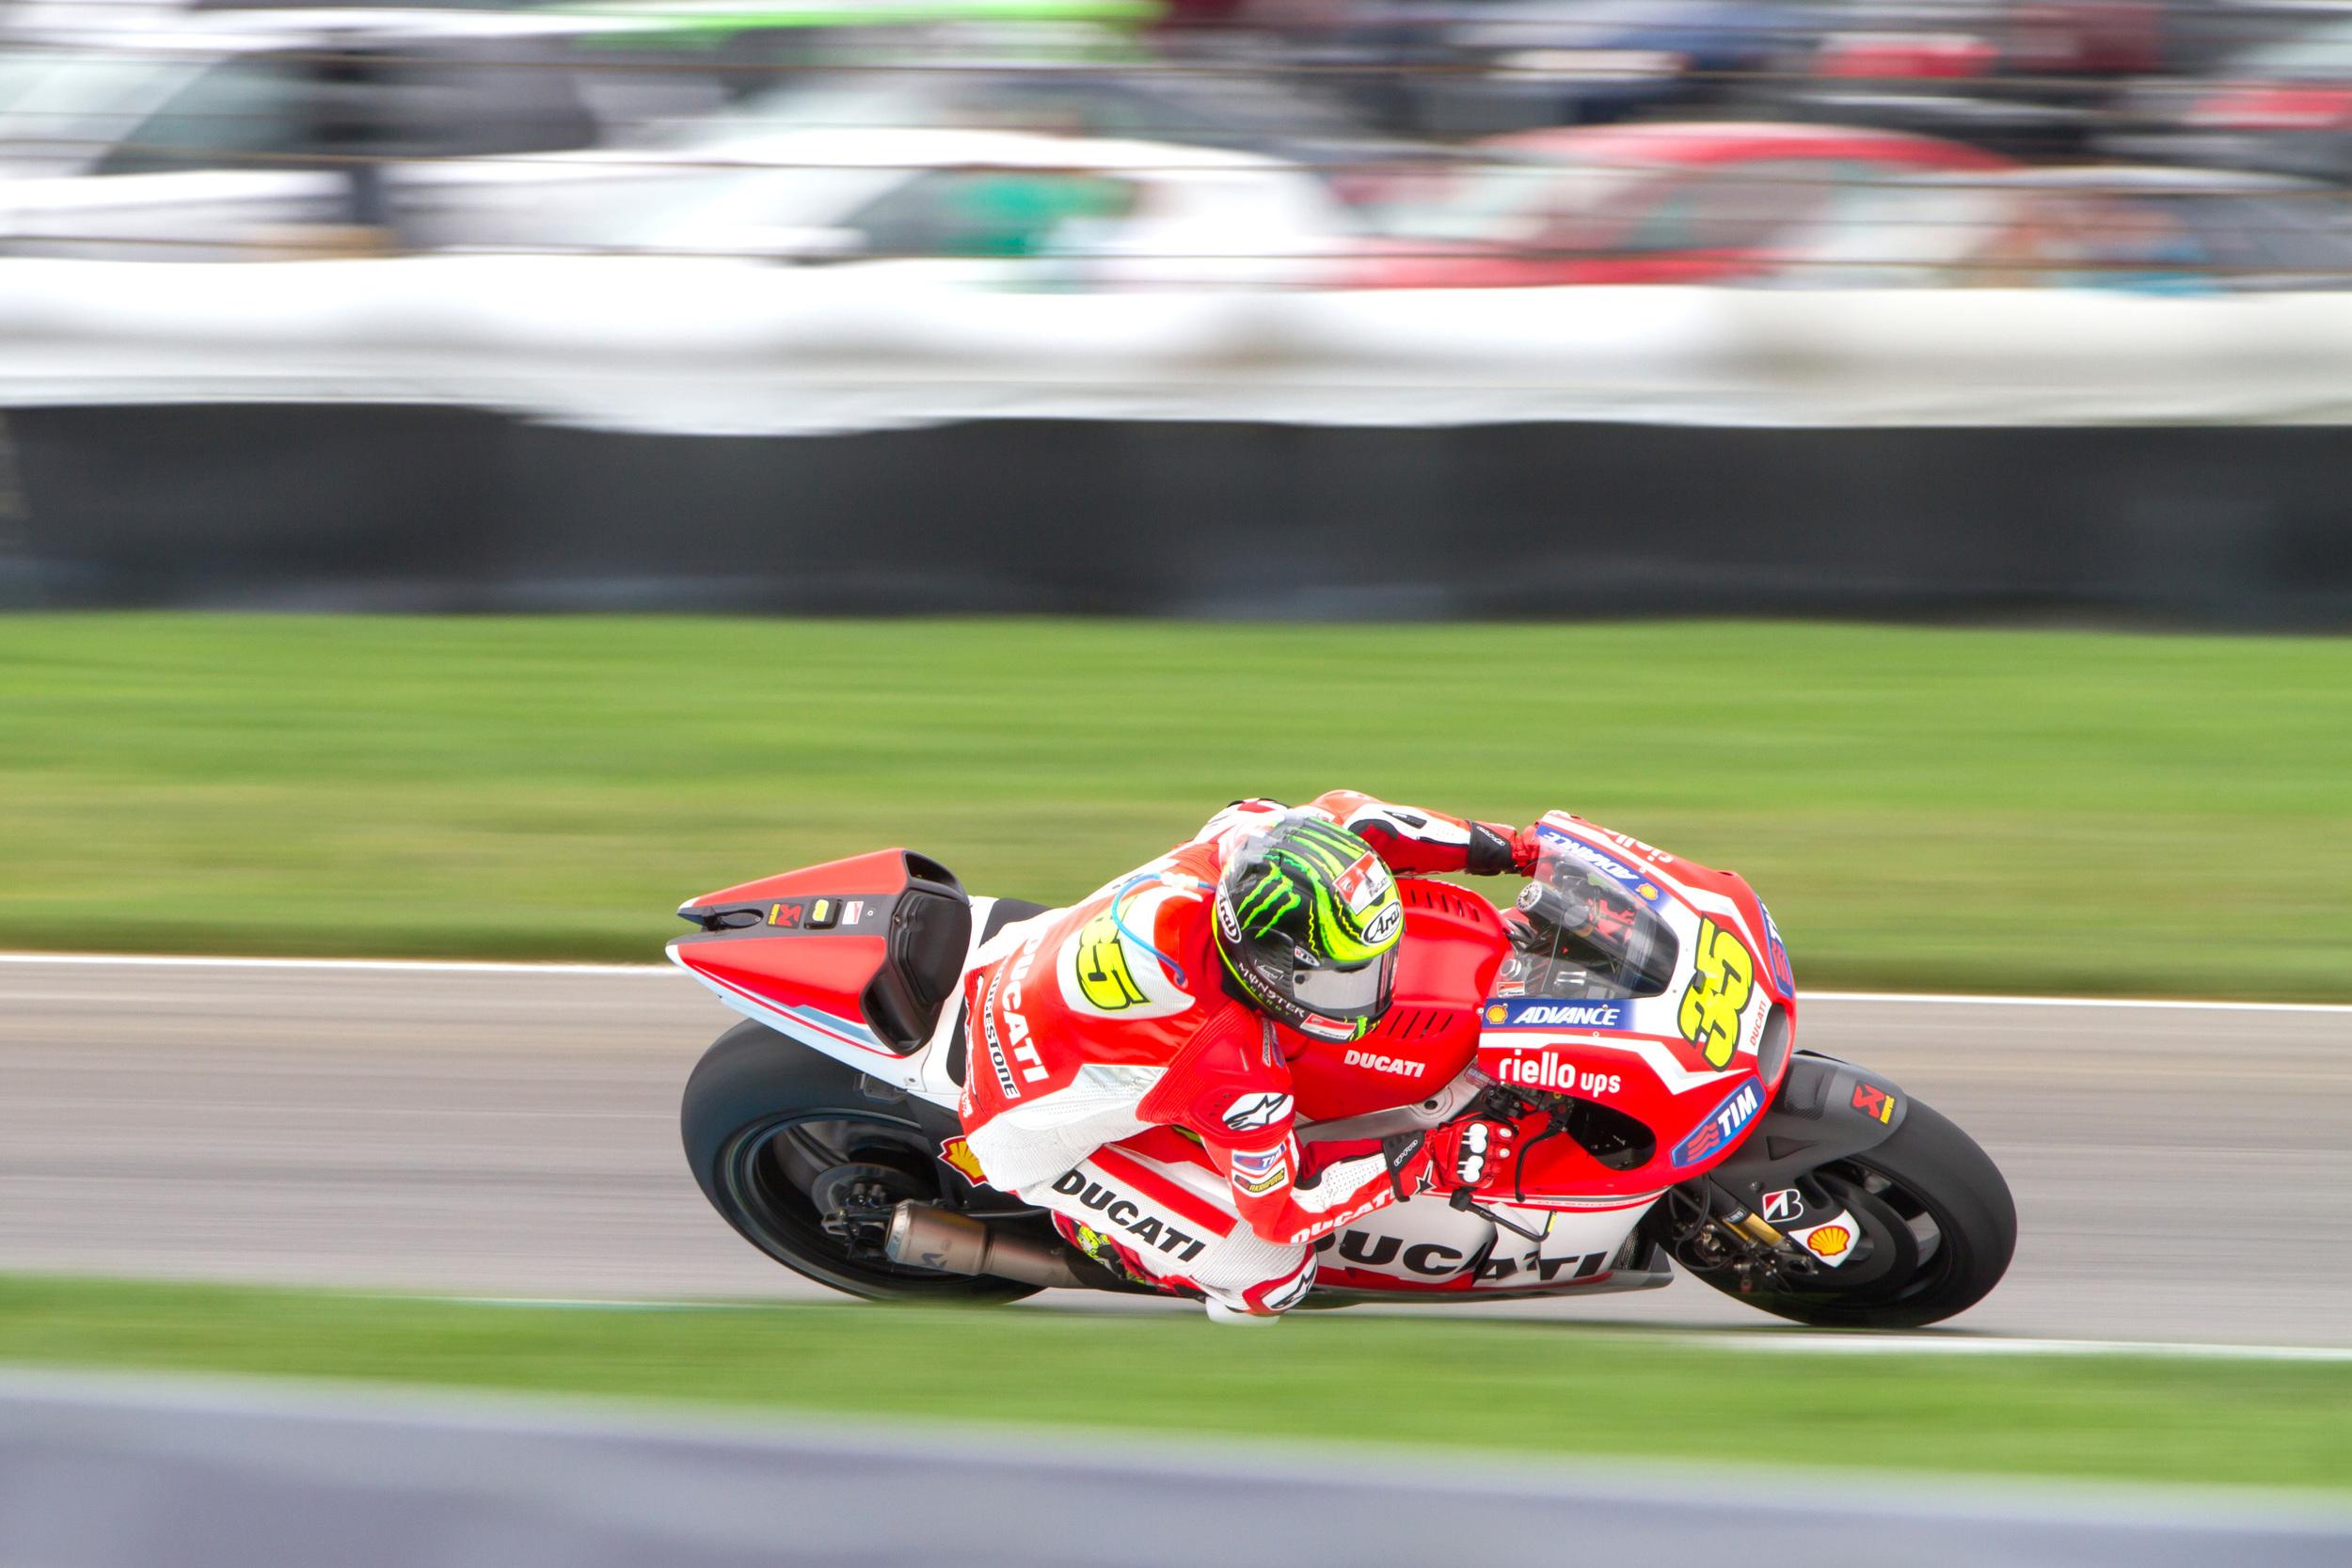 Racing_Motorcycle_Brad_Cottrell_1669_2.jpg